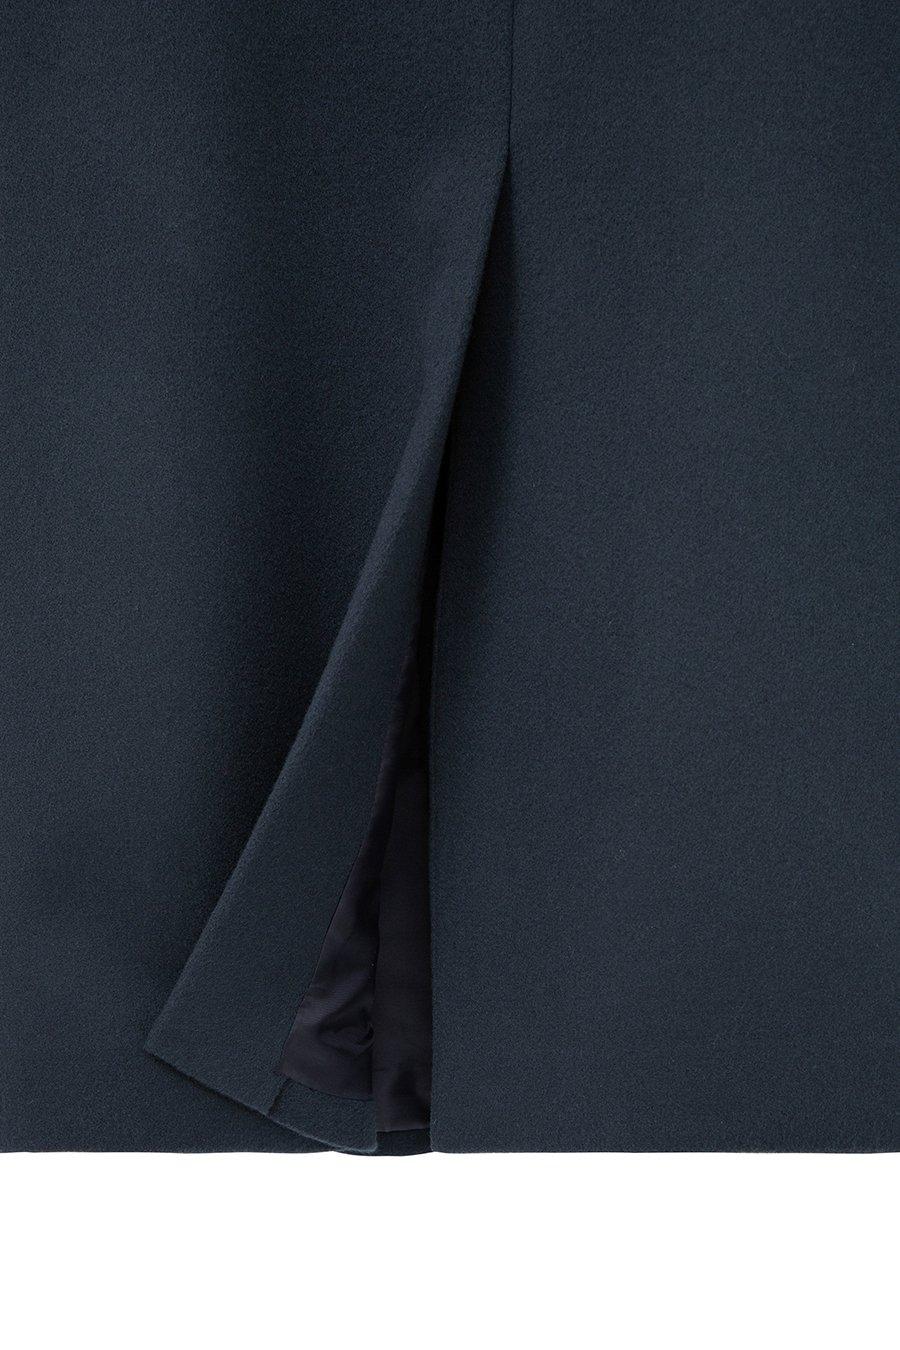 인사일런스(IN SILENCE) [BLACK LABEL] FORTEX 캐시펠트 히든 싱글 코트 TURQUOISE